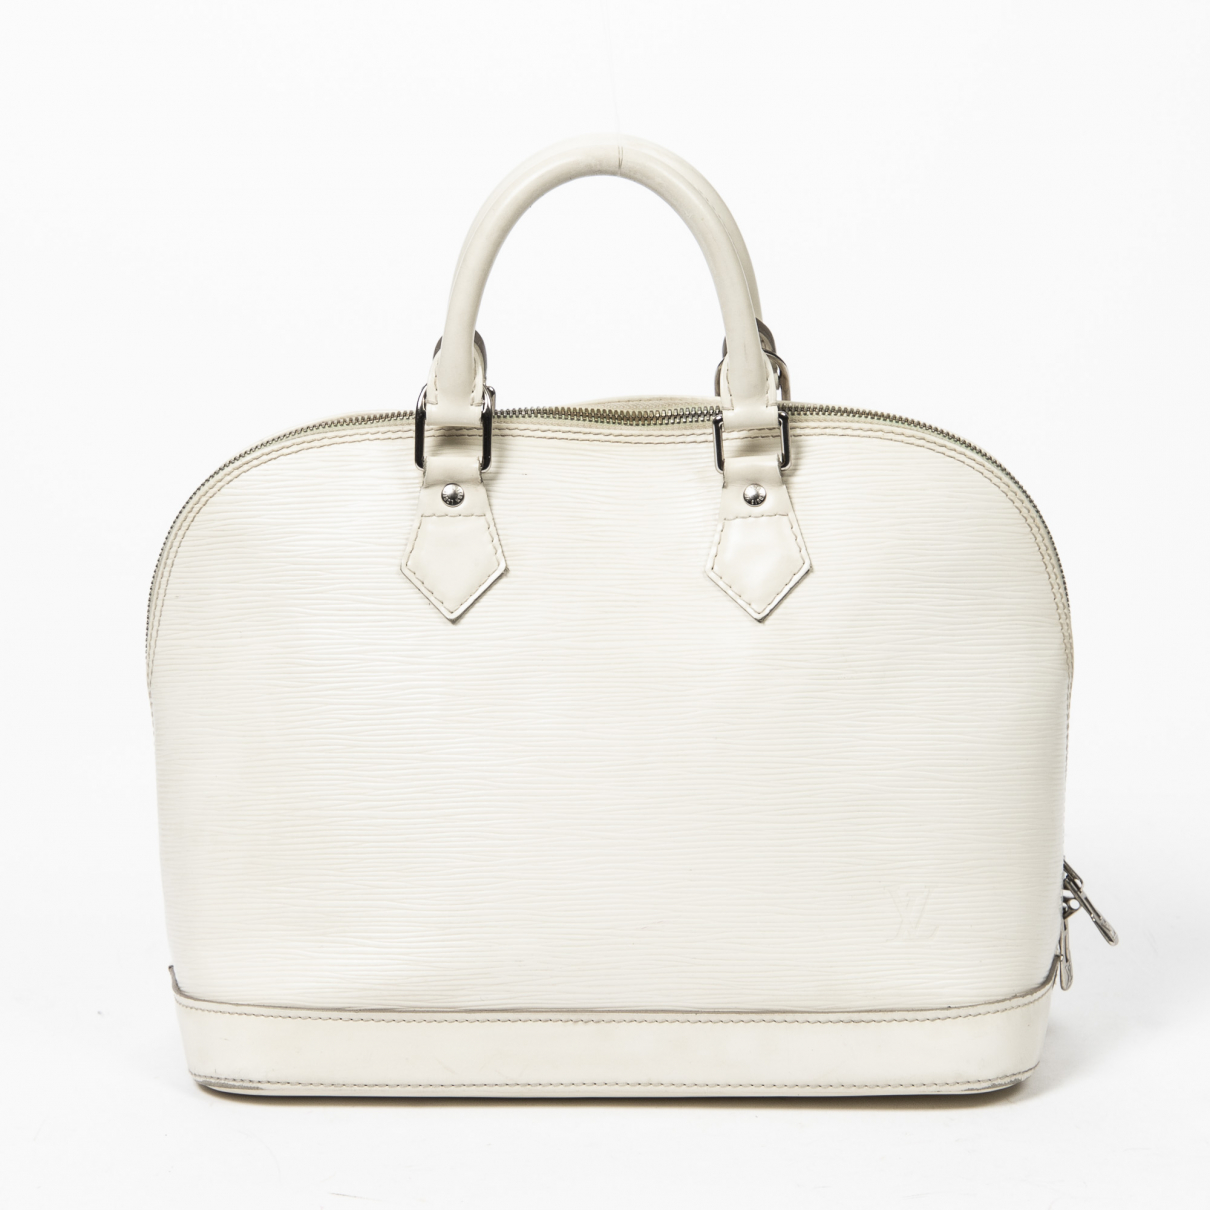 Louis Vuitton - Sac a main Alma pour femme en cuir - metallise